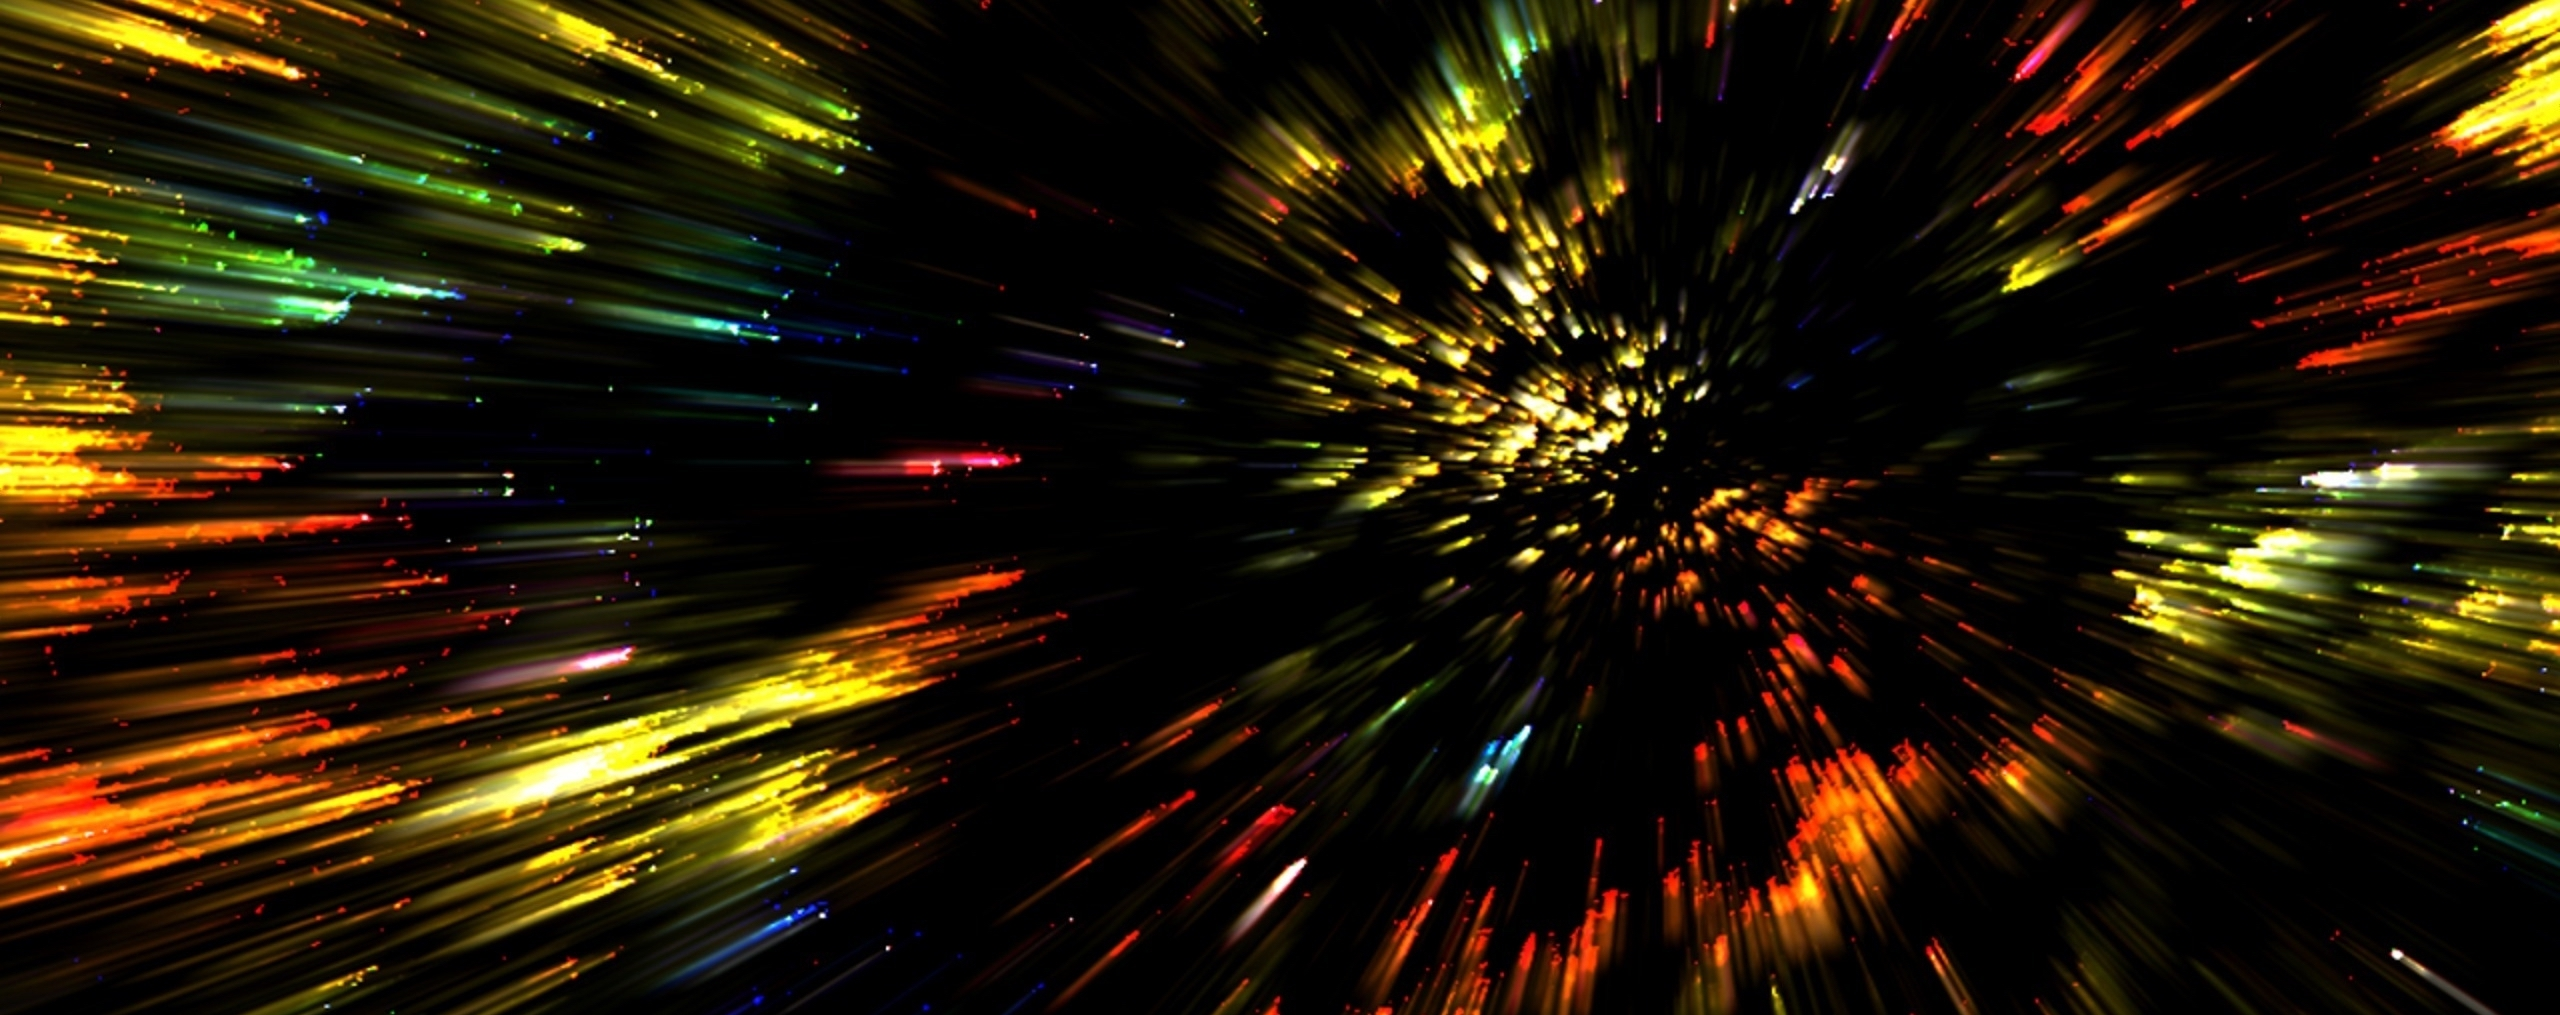 Мал, да удал: миниатюрный линейный ускоритель частиц, поставивший новый рекорд